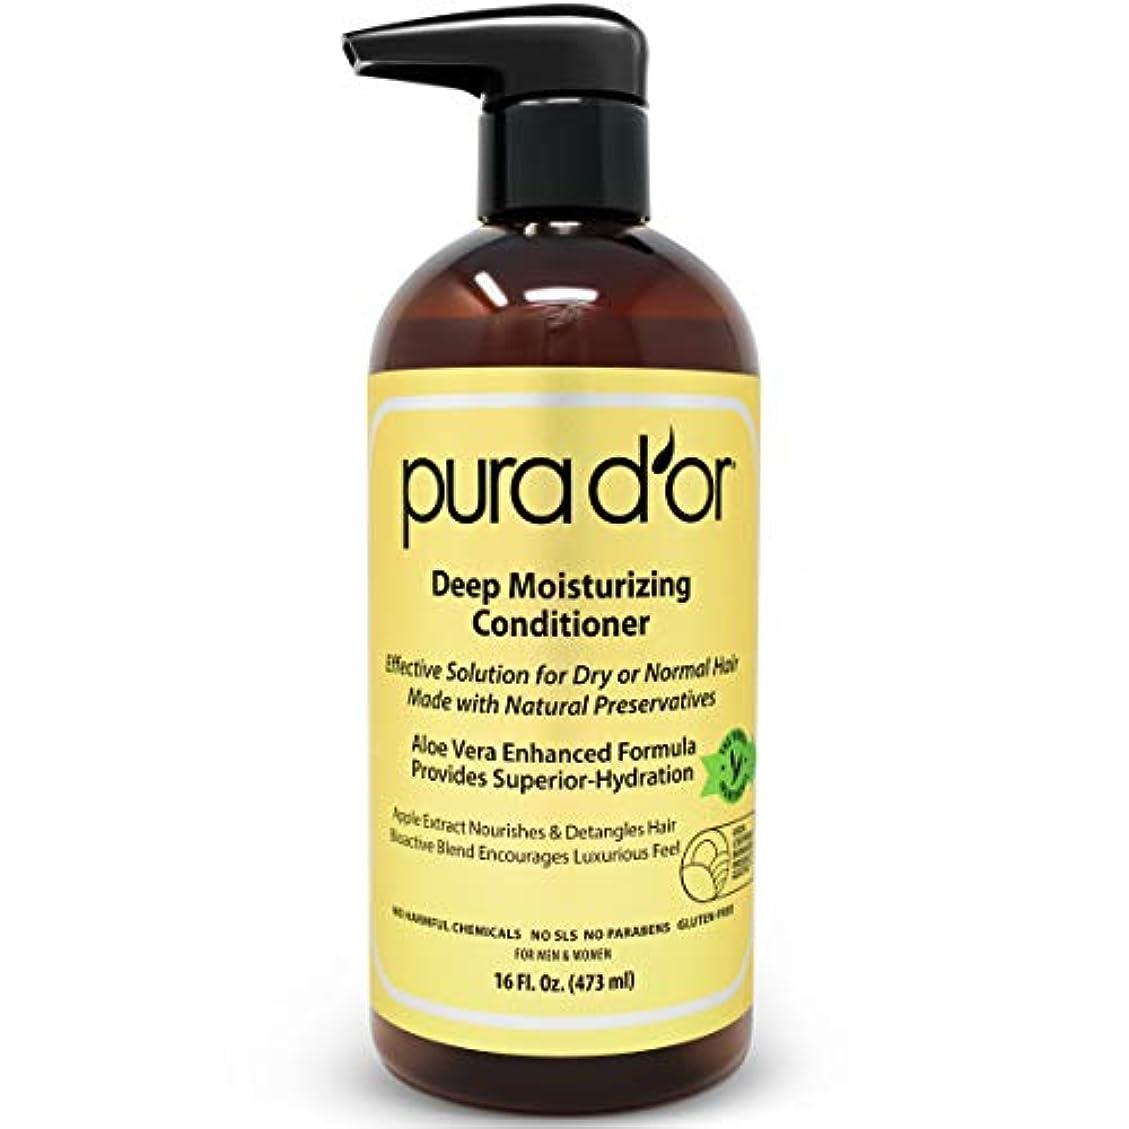 クロニクル気分が良い不適切なPURA D'OR Deep Moisturizing Premium Organic Argan Oil & Aloe Vera Conditioner, 16 Fluid Ounce (473ml)プラドール ディープモイスチャライジング...